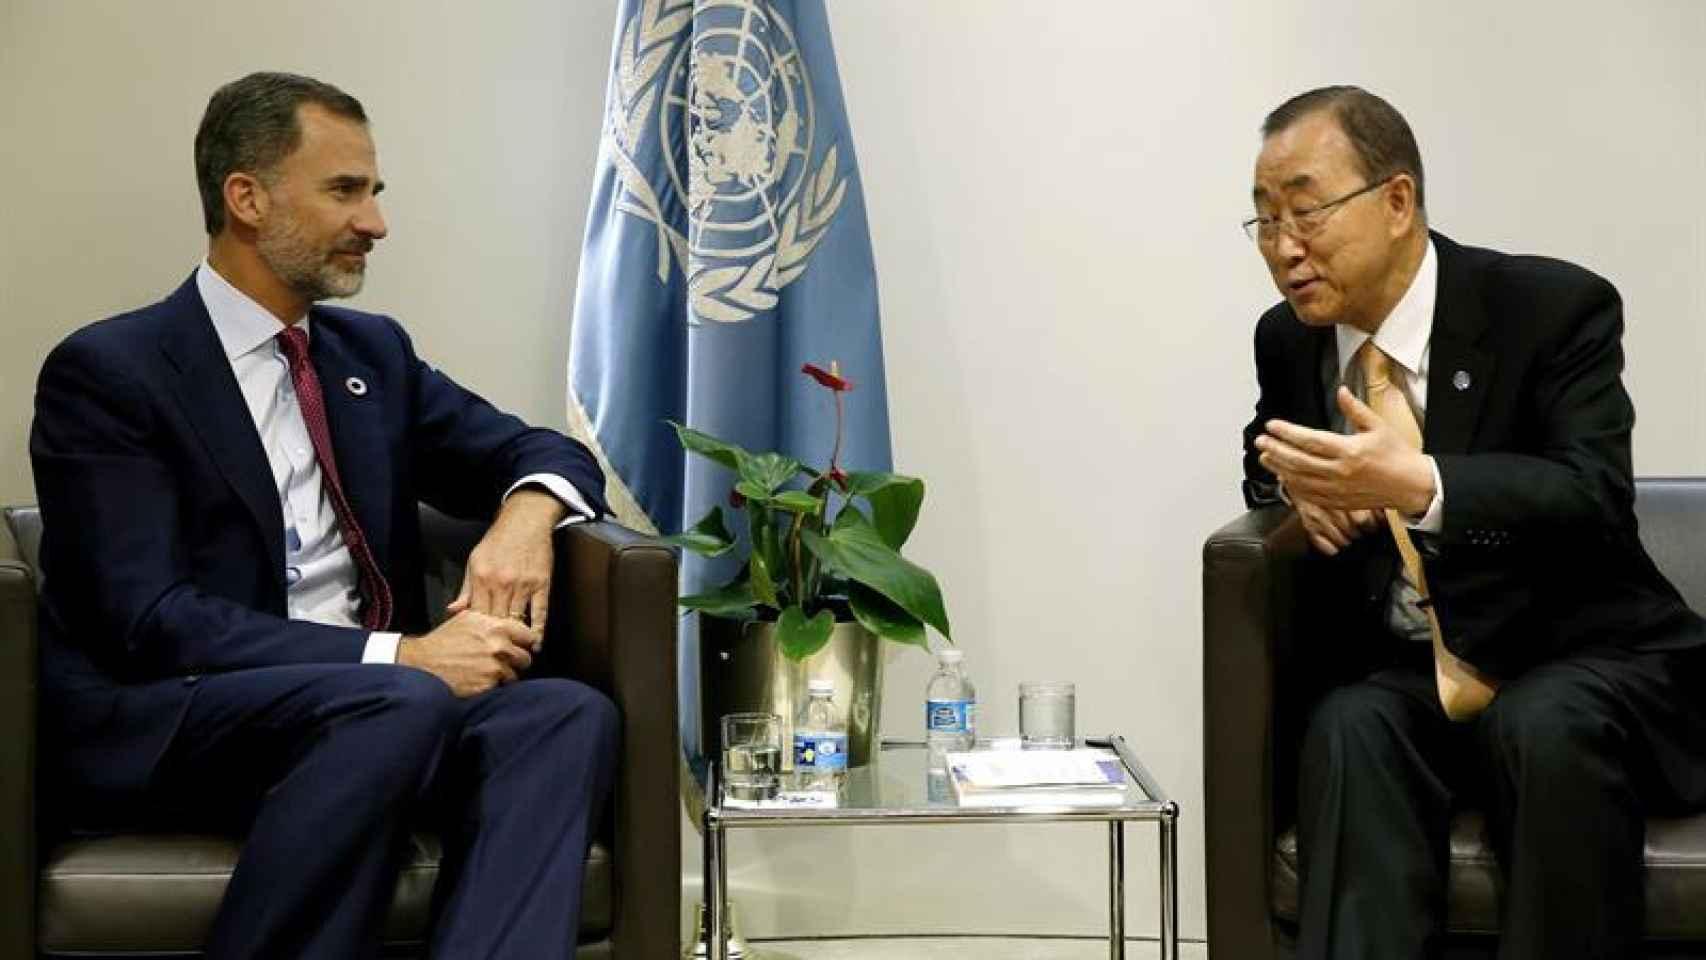 El rey conversa con Ban Ki-moon en la reunión que han mantenido en la ONU.